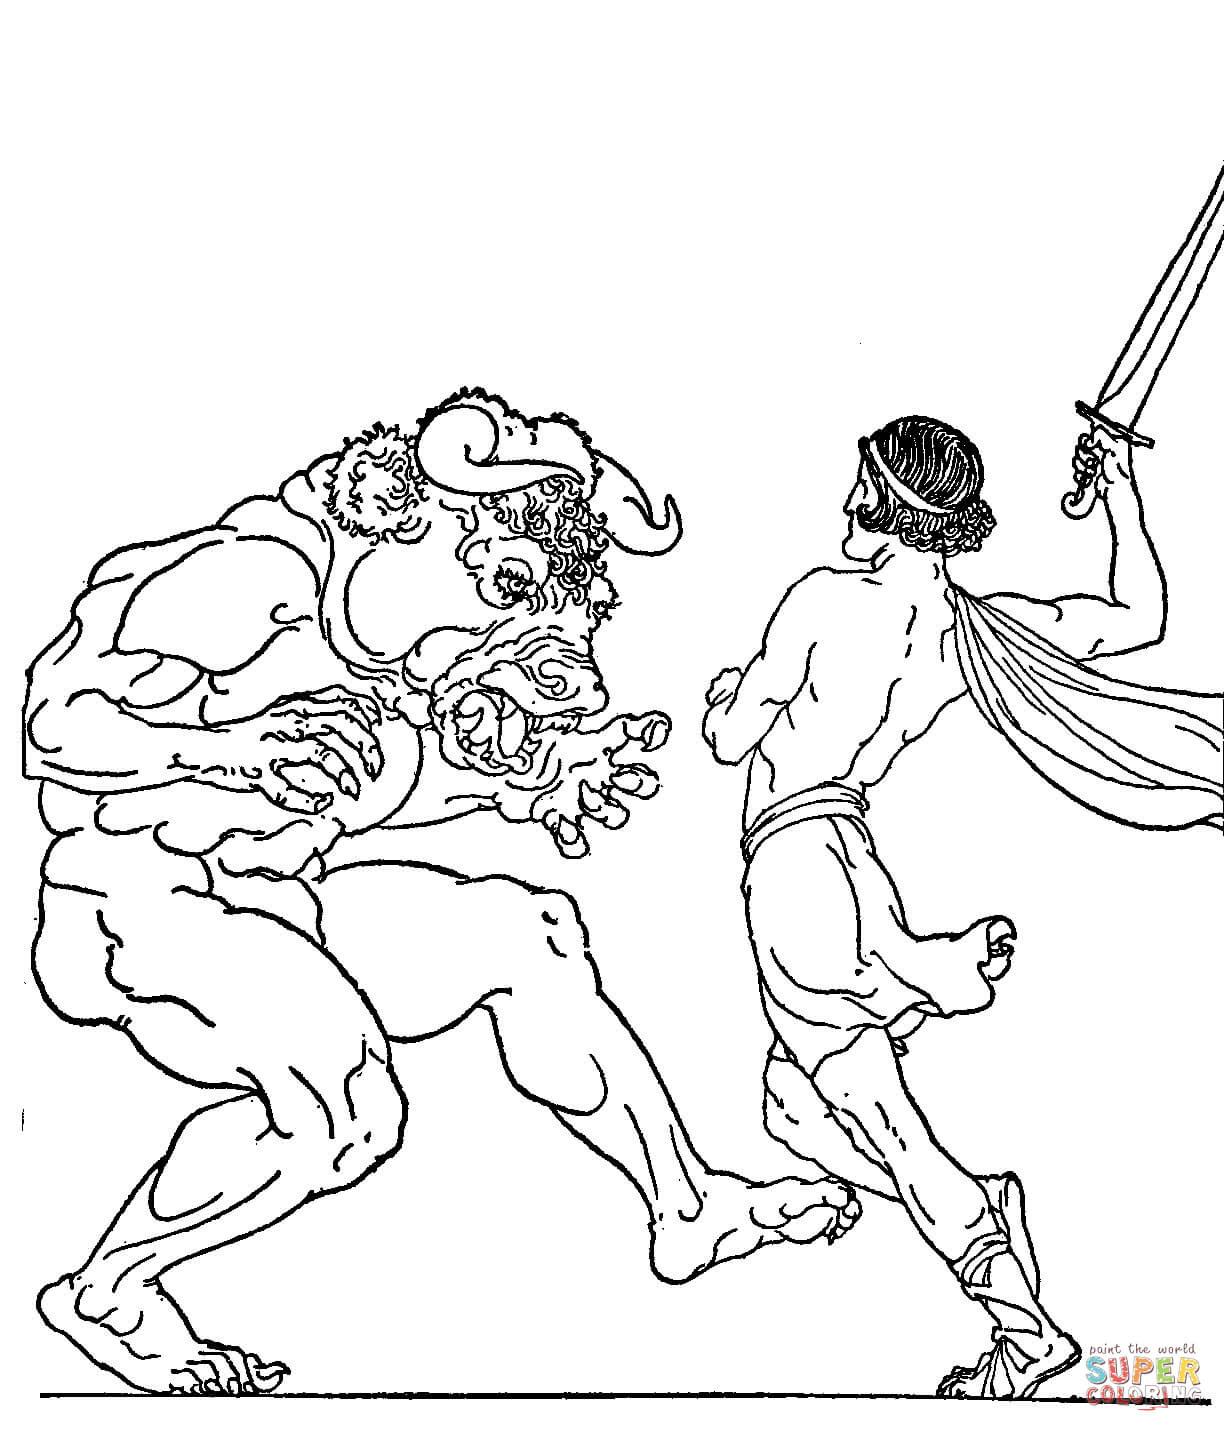 Minotaur coloring #6, Download drawings